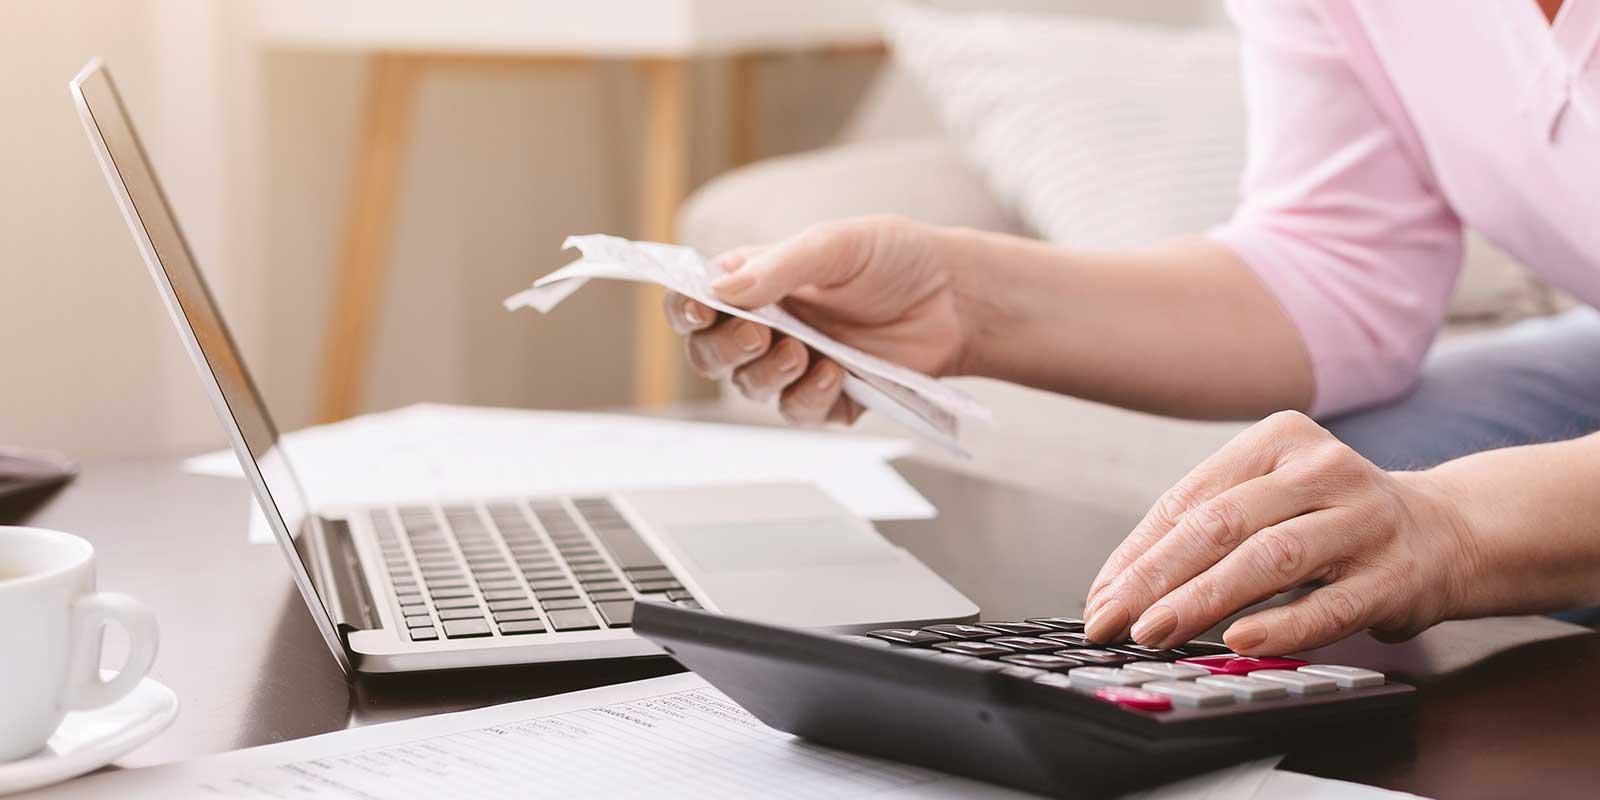 Abgabefrist der Steuererklärung 2019 - PLP